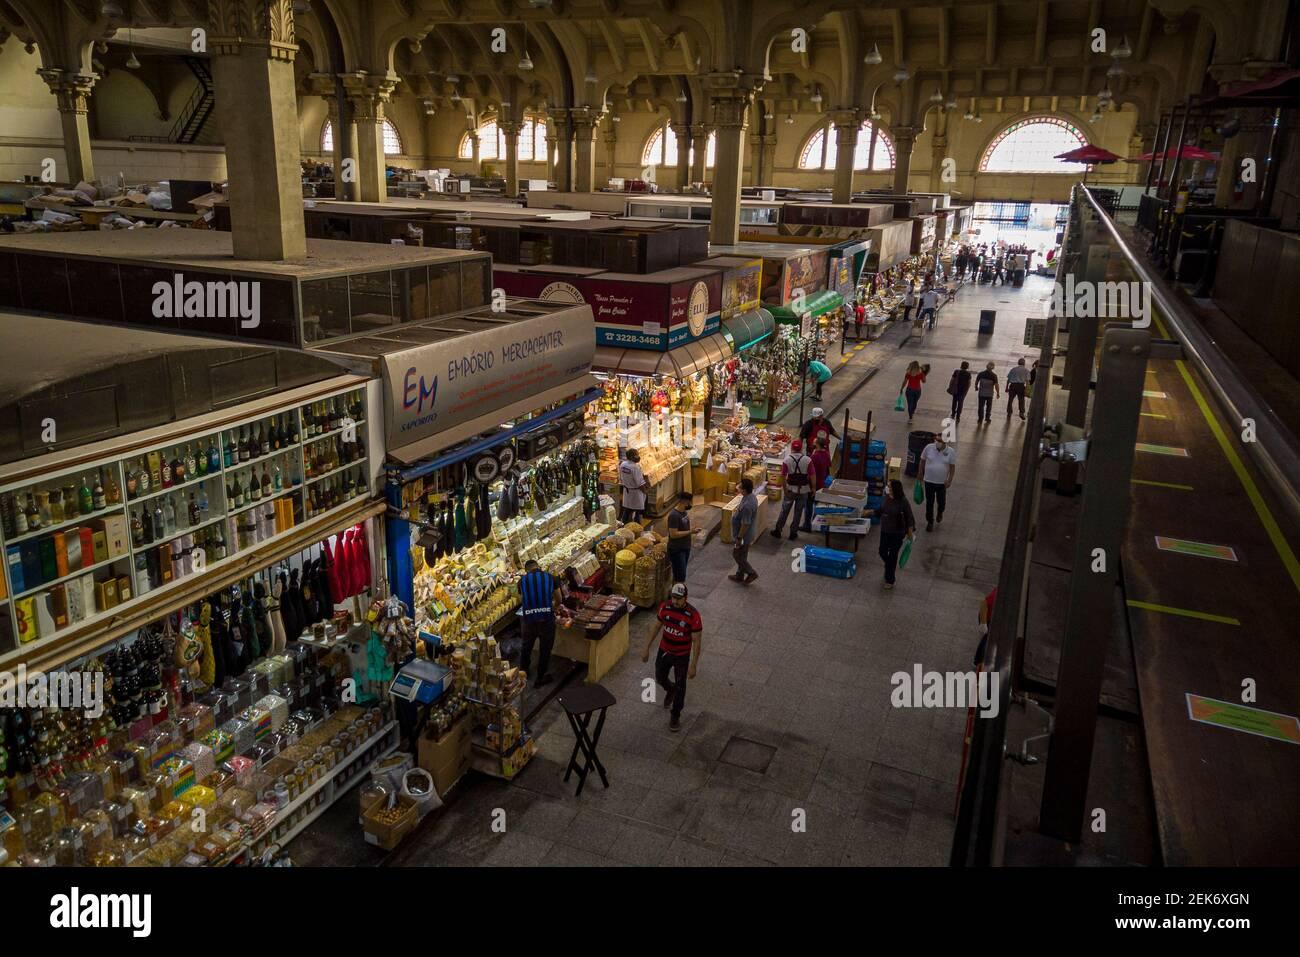 Municipal market of São Paulo - São Paulo-São Paulo-Brasil - 10-11-2020 Stock Photo